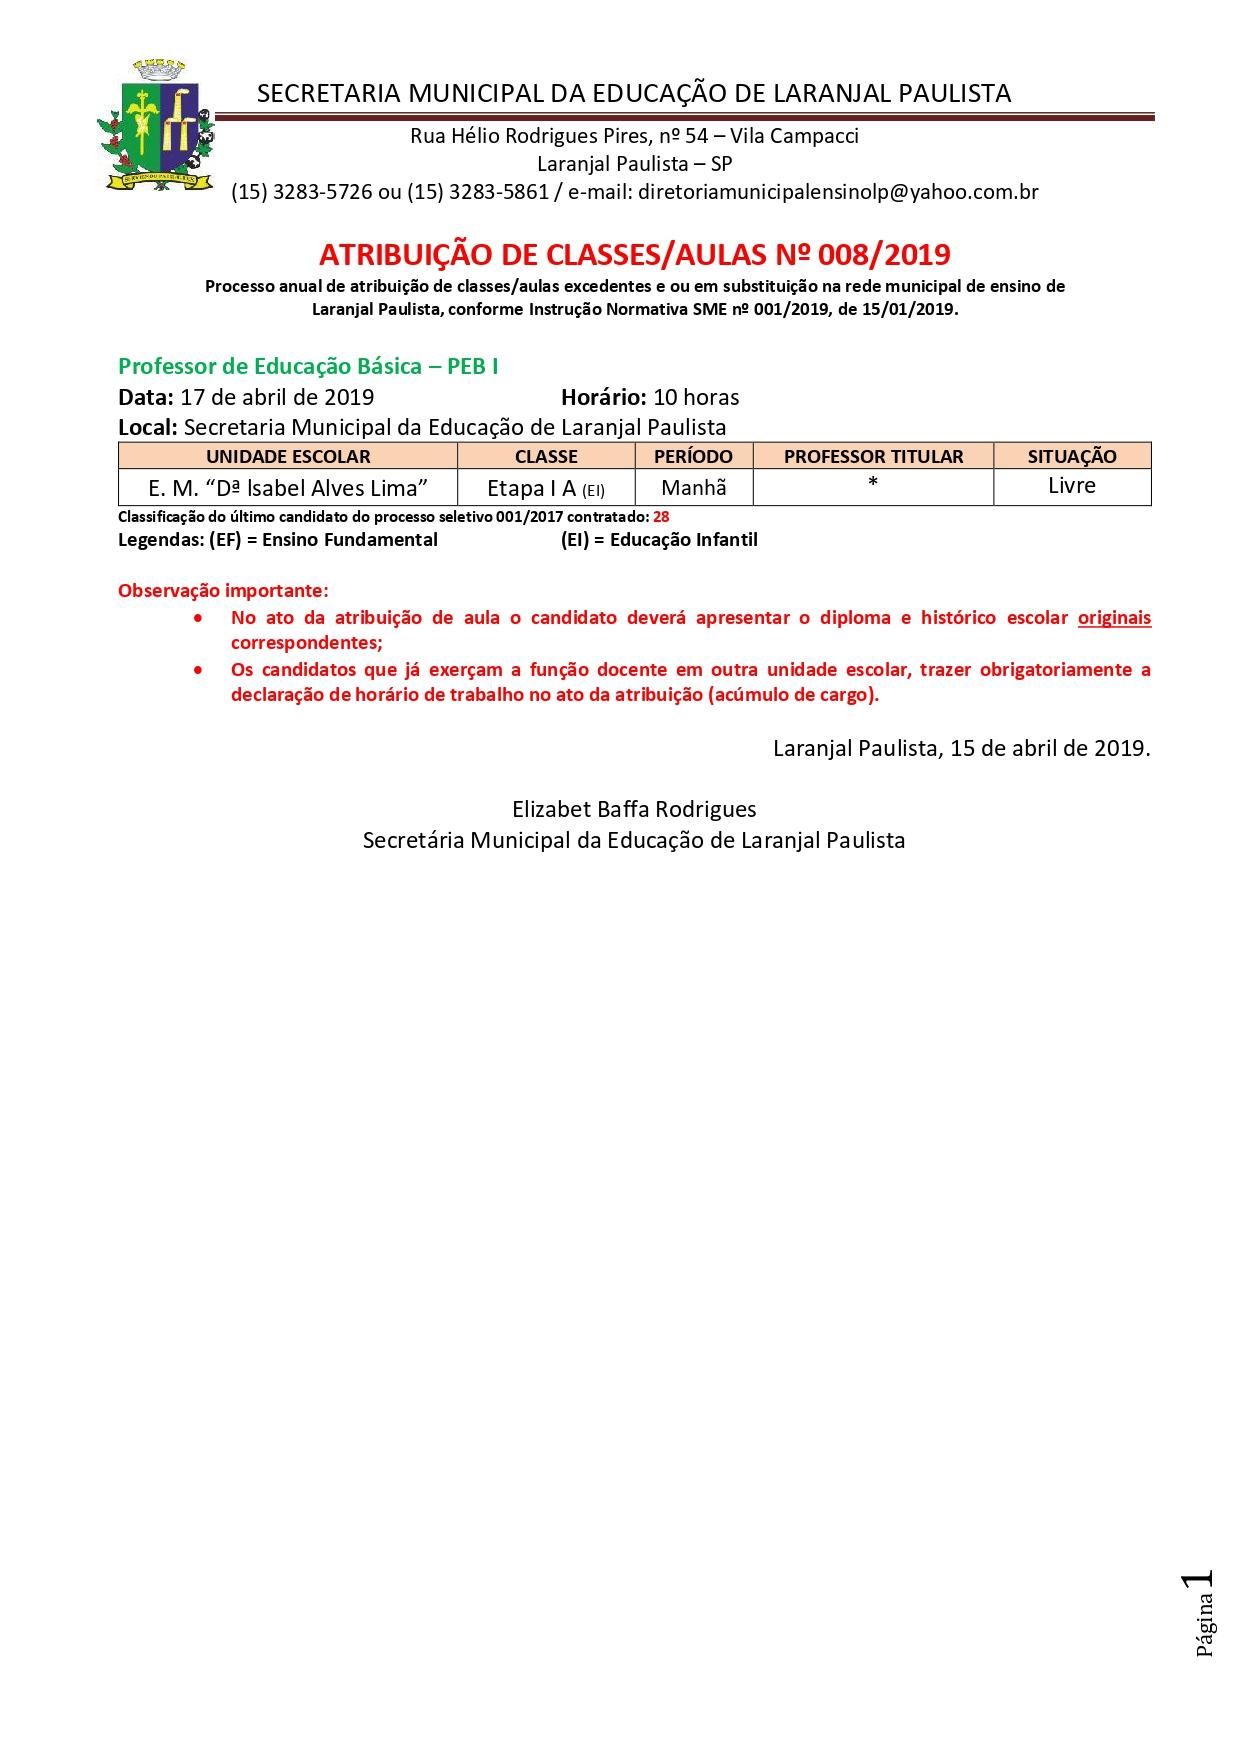 Atribuição de classes e ou aulas excedentes nº 008-2019